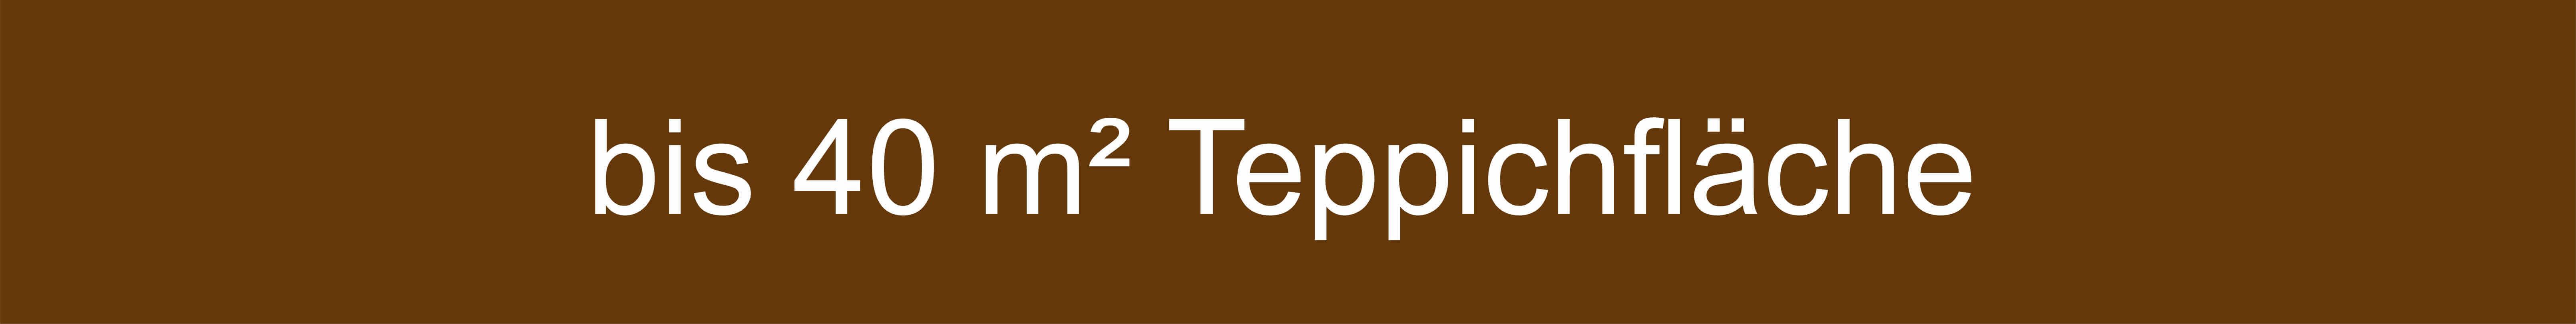 Mengenempfehlung Teppich bis 40 Quadratmeter